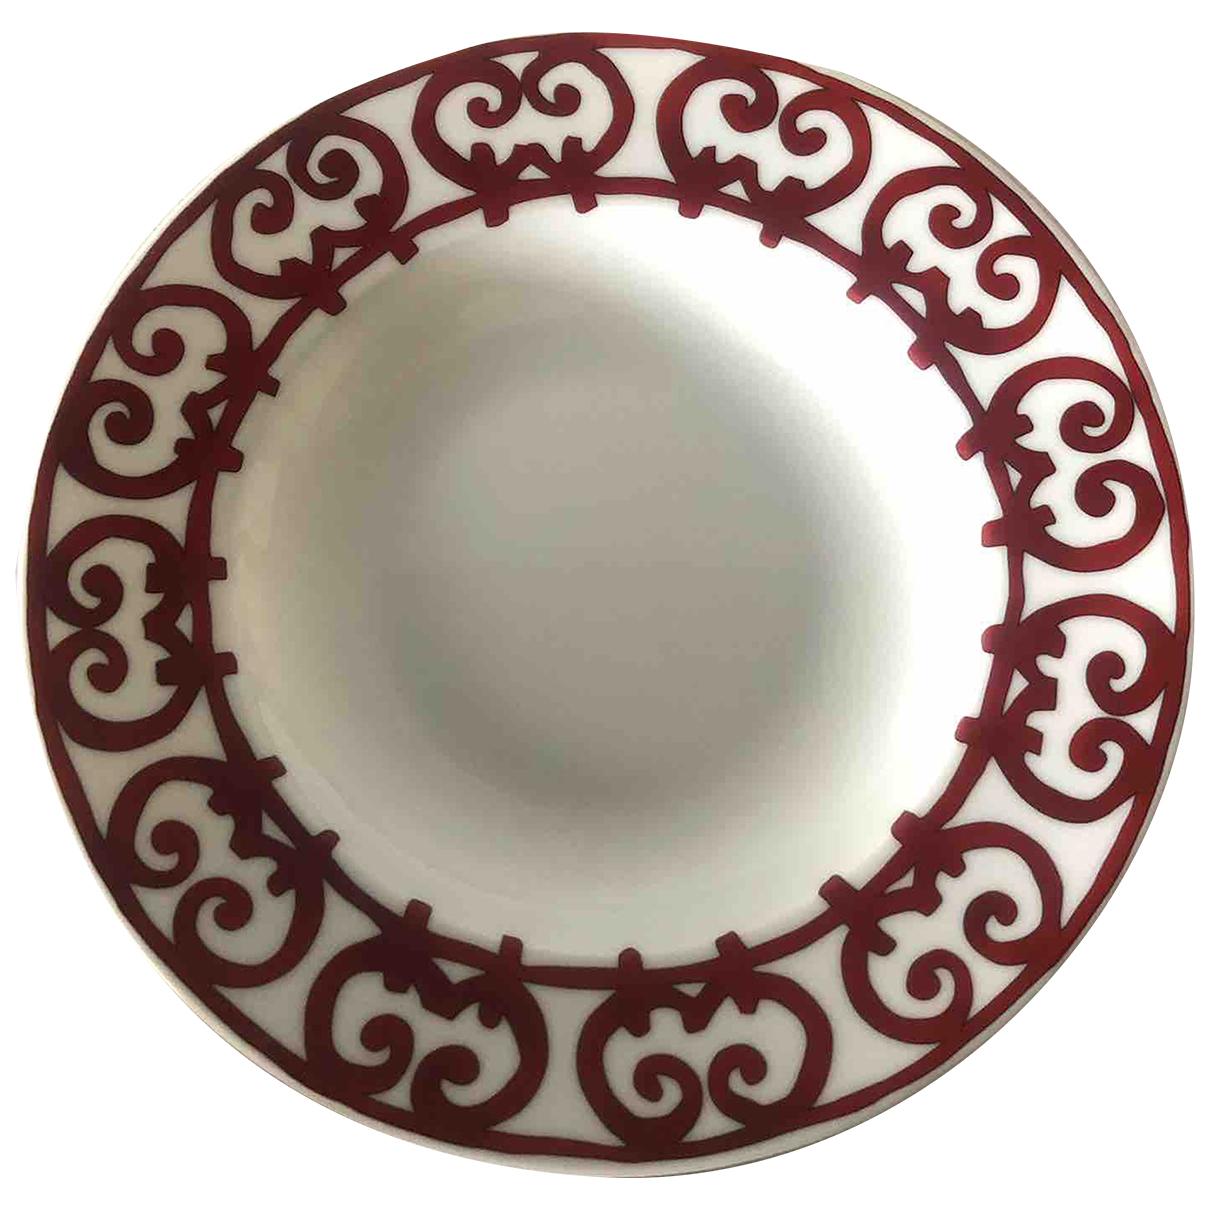 Hermes - Arts de la table Balcon du Guadalquivir pour lifestyle en porcelaine - multicolore